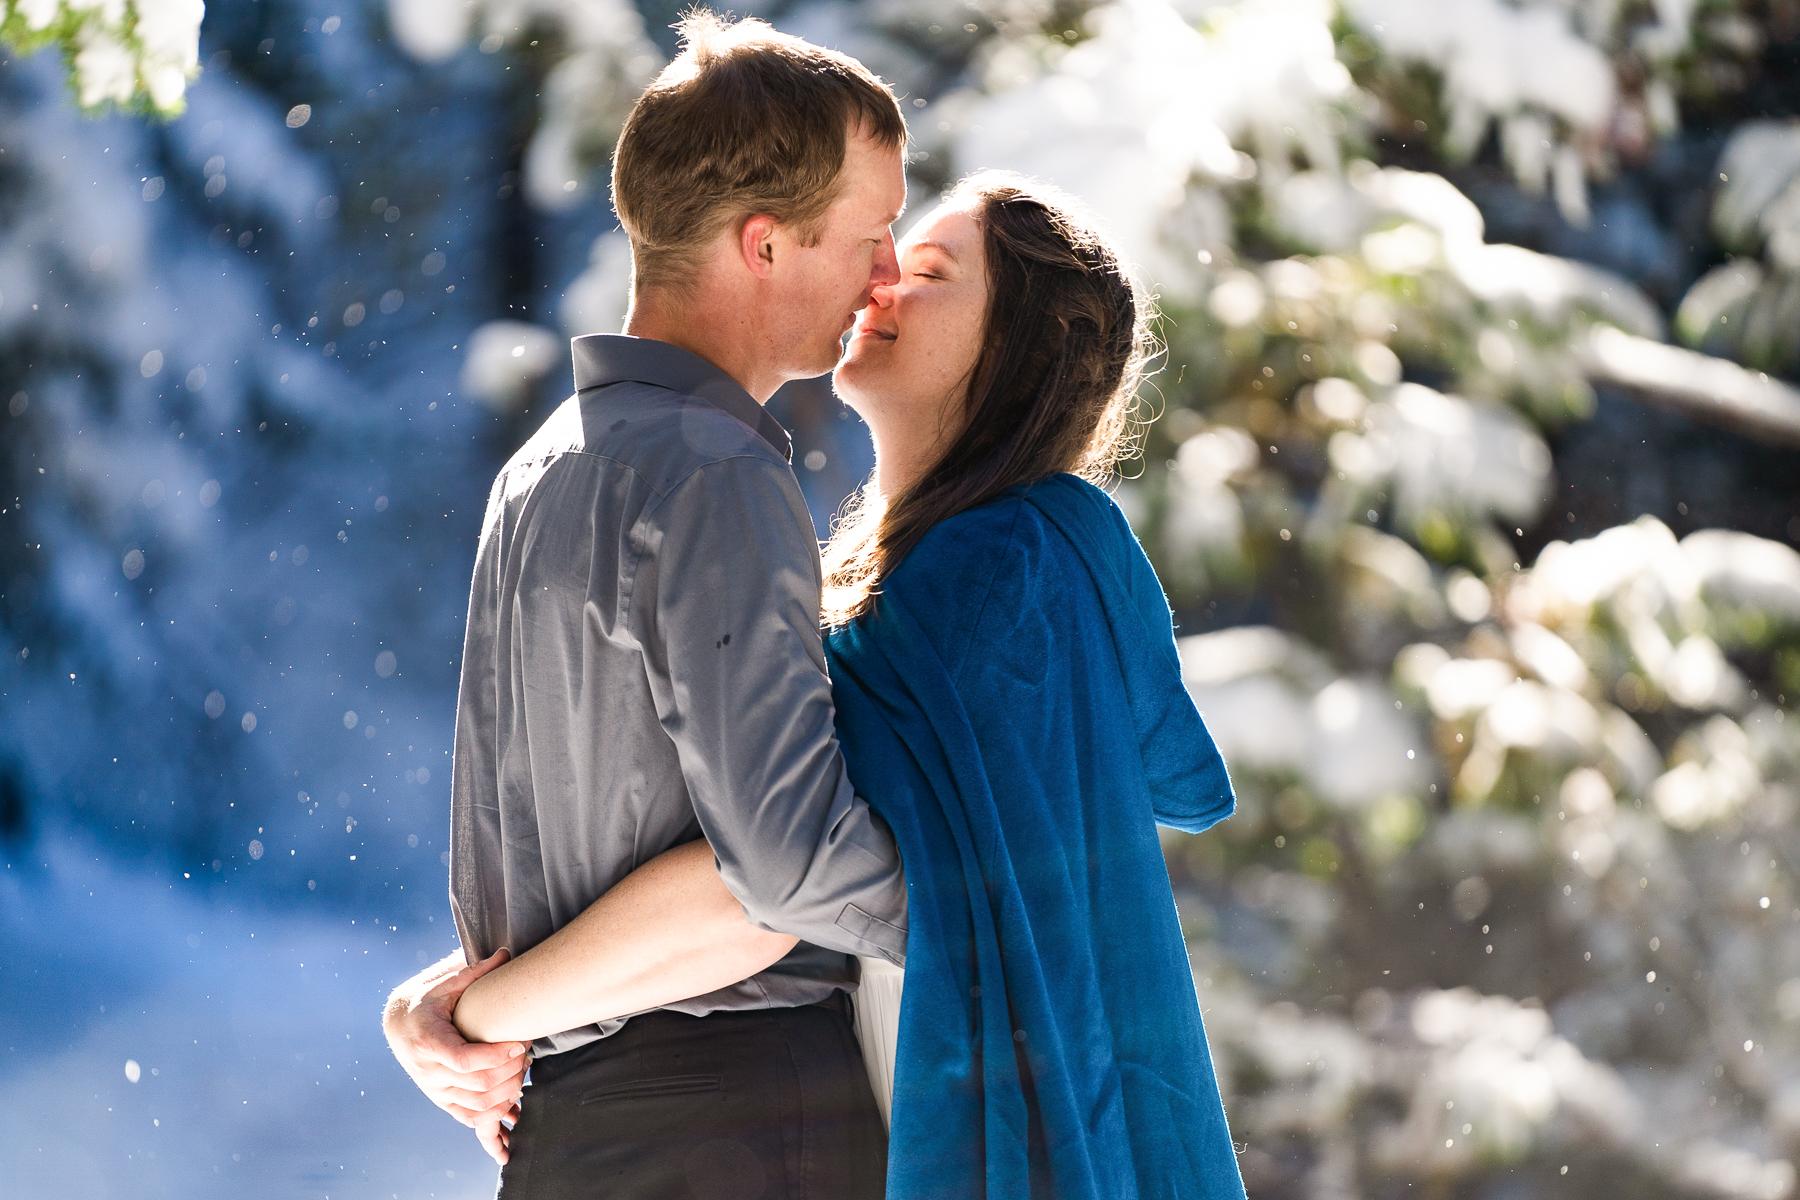 Fotografia di matrimonio Elopement di avventura | la neve continuava a cadere intorno a loro e un raggio di sole era troppo bello per passare